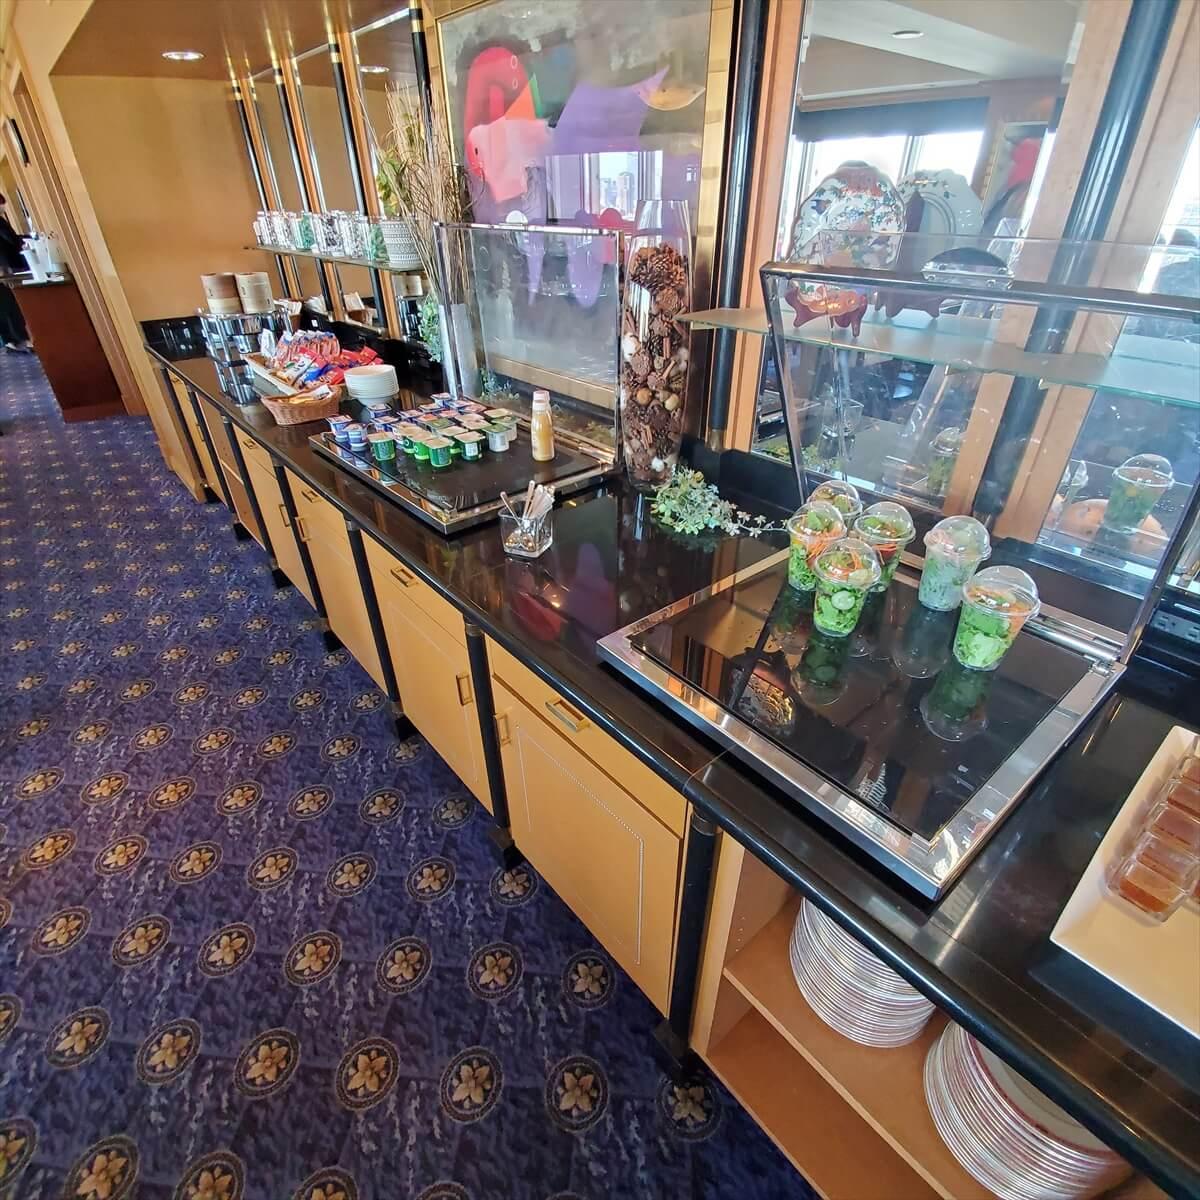 ウェスティンホテル東京のクラブラウンジ「ウェスティンクラブ」の朝食のビュッフェコーナー